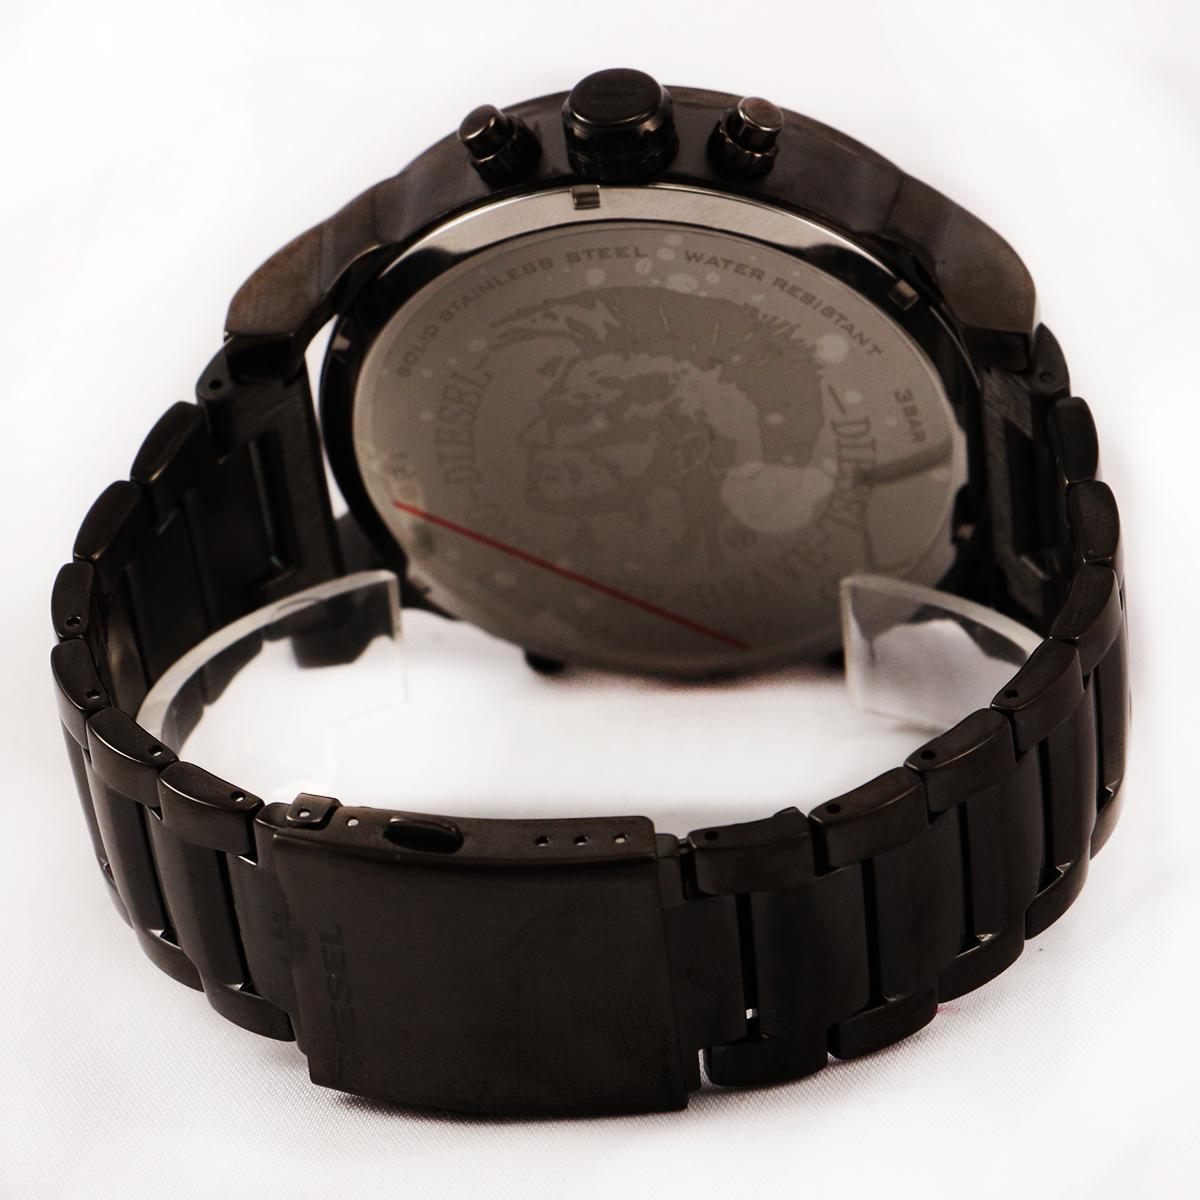 ساعت مچی عقربهای مردانه مدل dz-7395                     غیر اصل